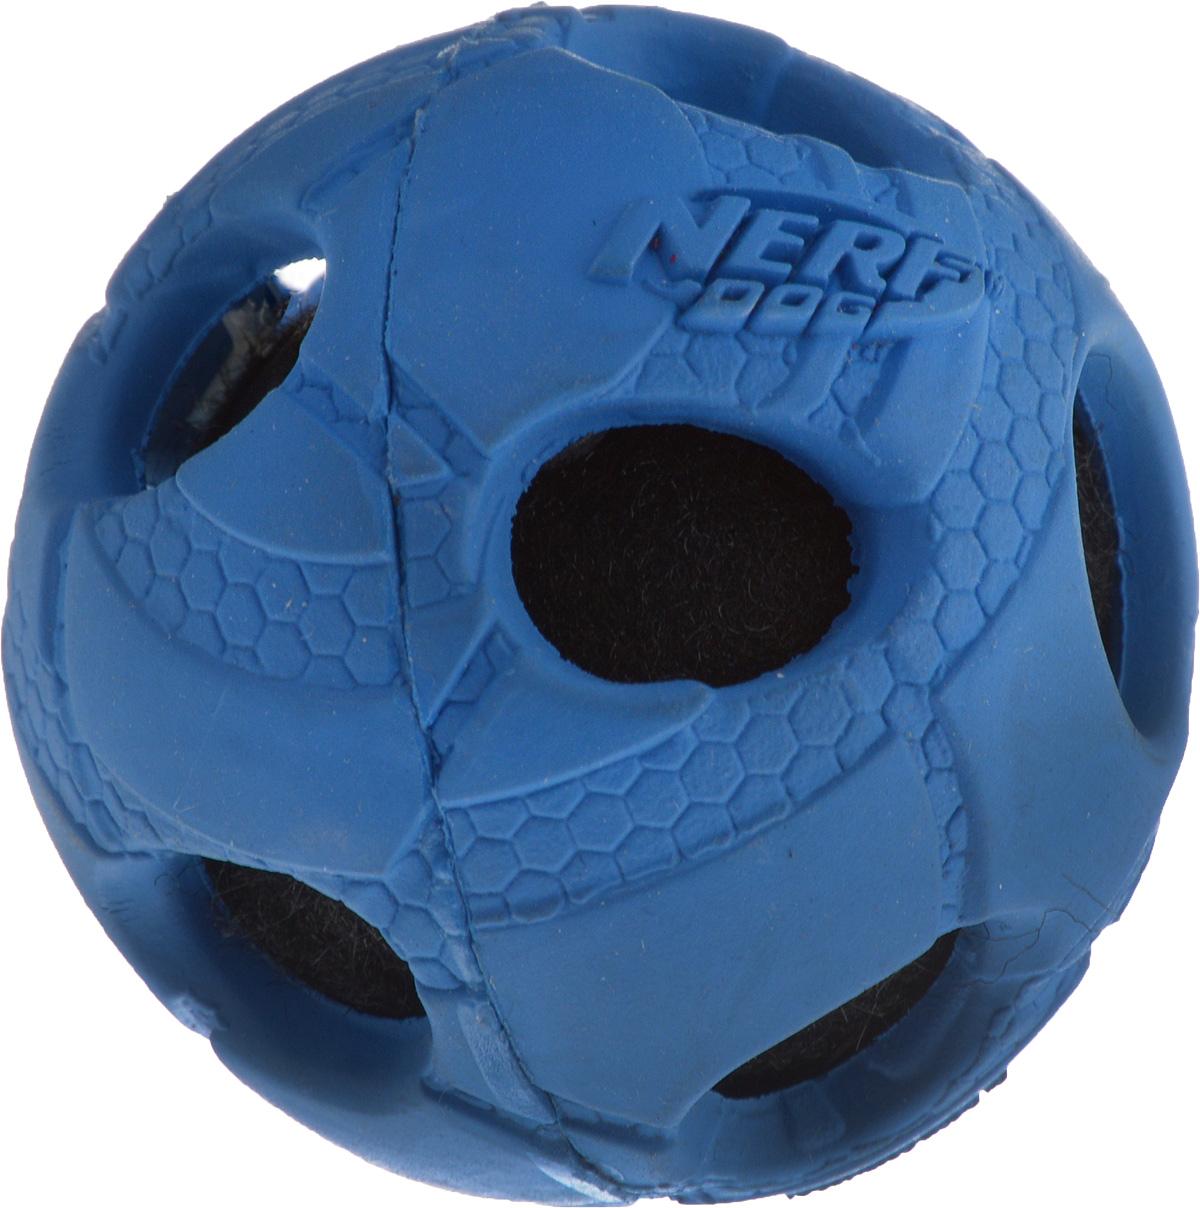 Игрушка для собак Nerf Мяч, с отверстиями, цвет: синий, черный, 5 см22262_синий, черныйИгрушка для собак Nerf Мяч, с отверстиями, цвет: синий, черный, 5 см